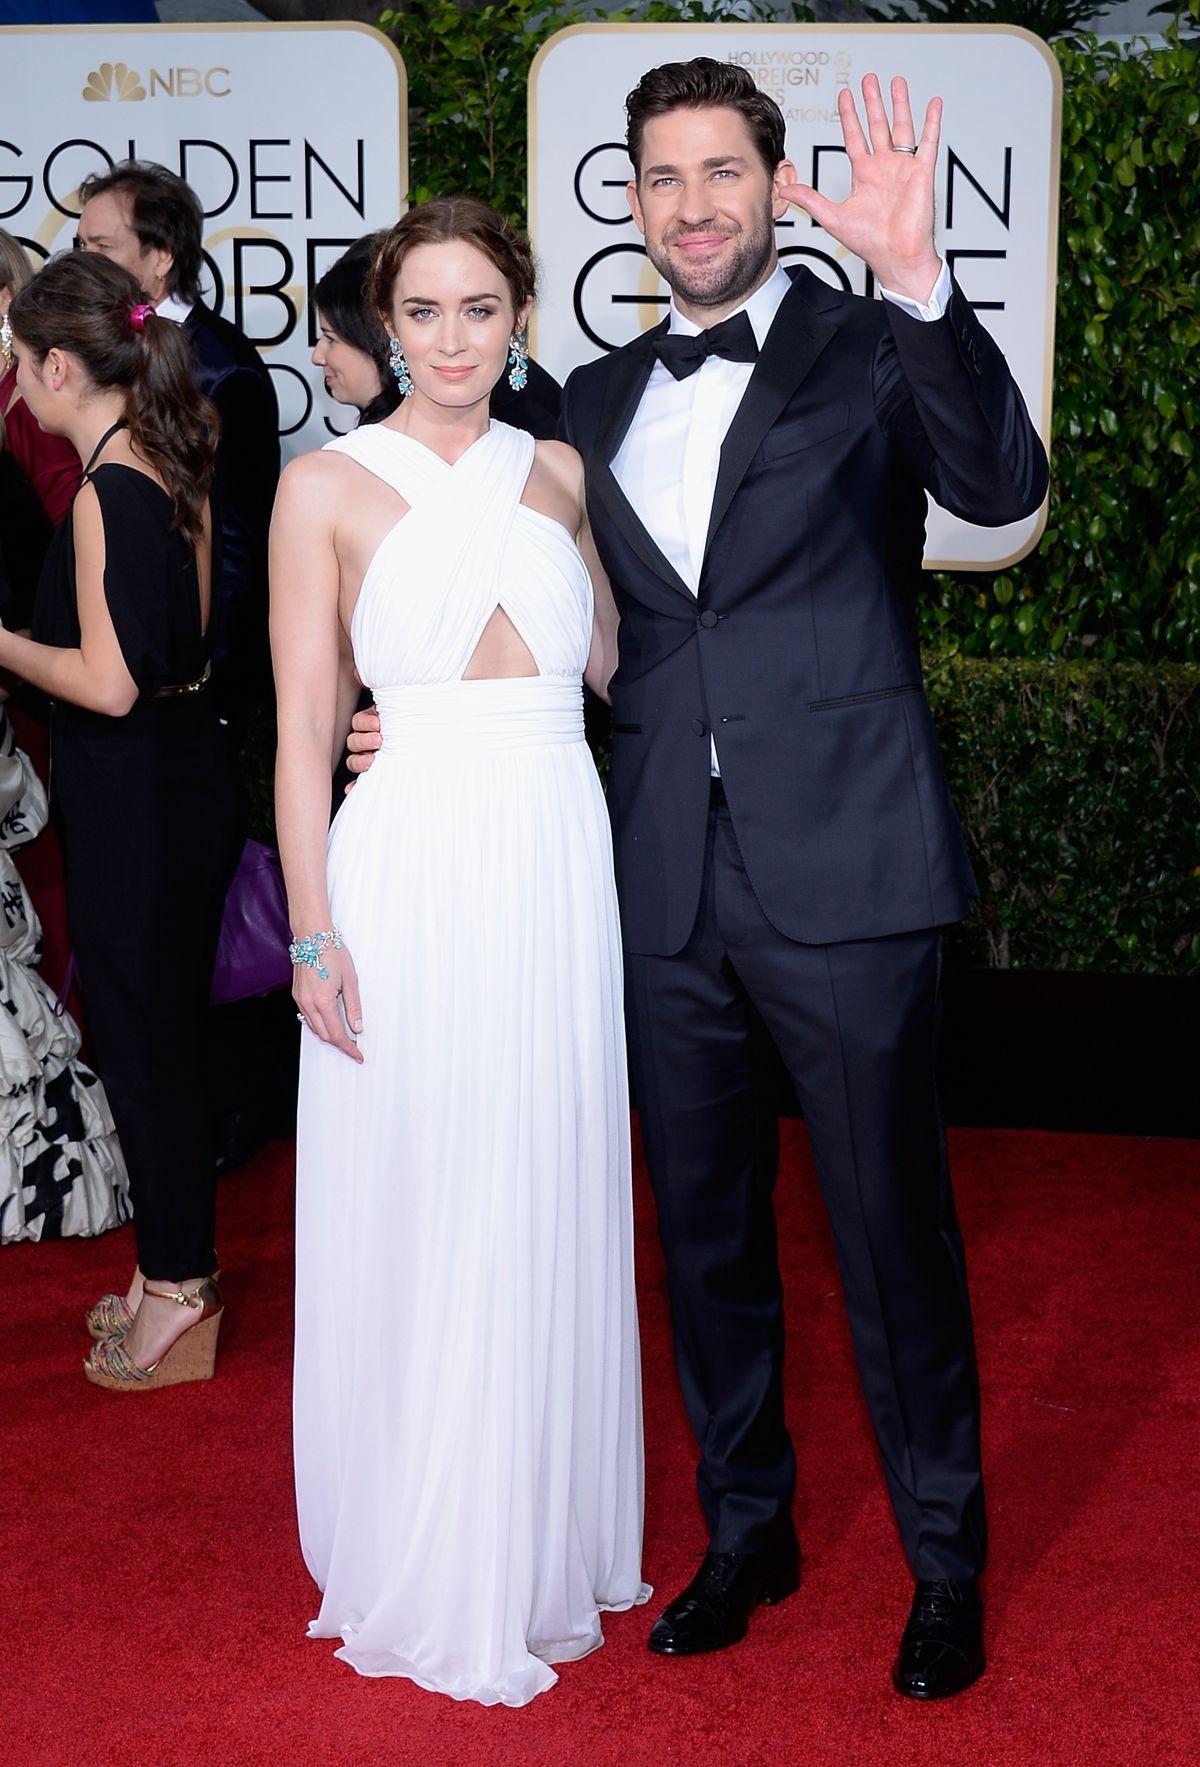 Emily Blunt and John Krasinski at 2015 Golden Globes